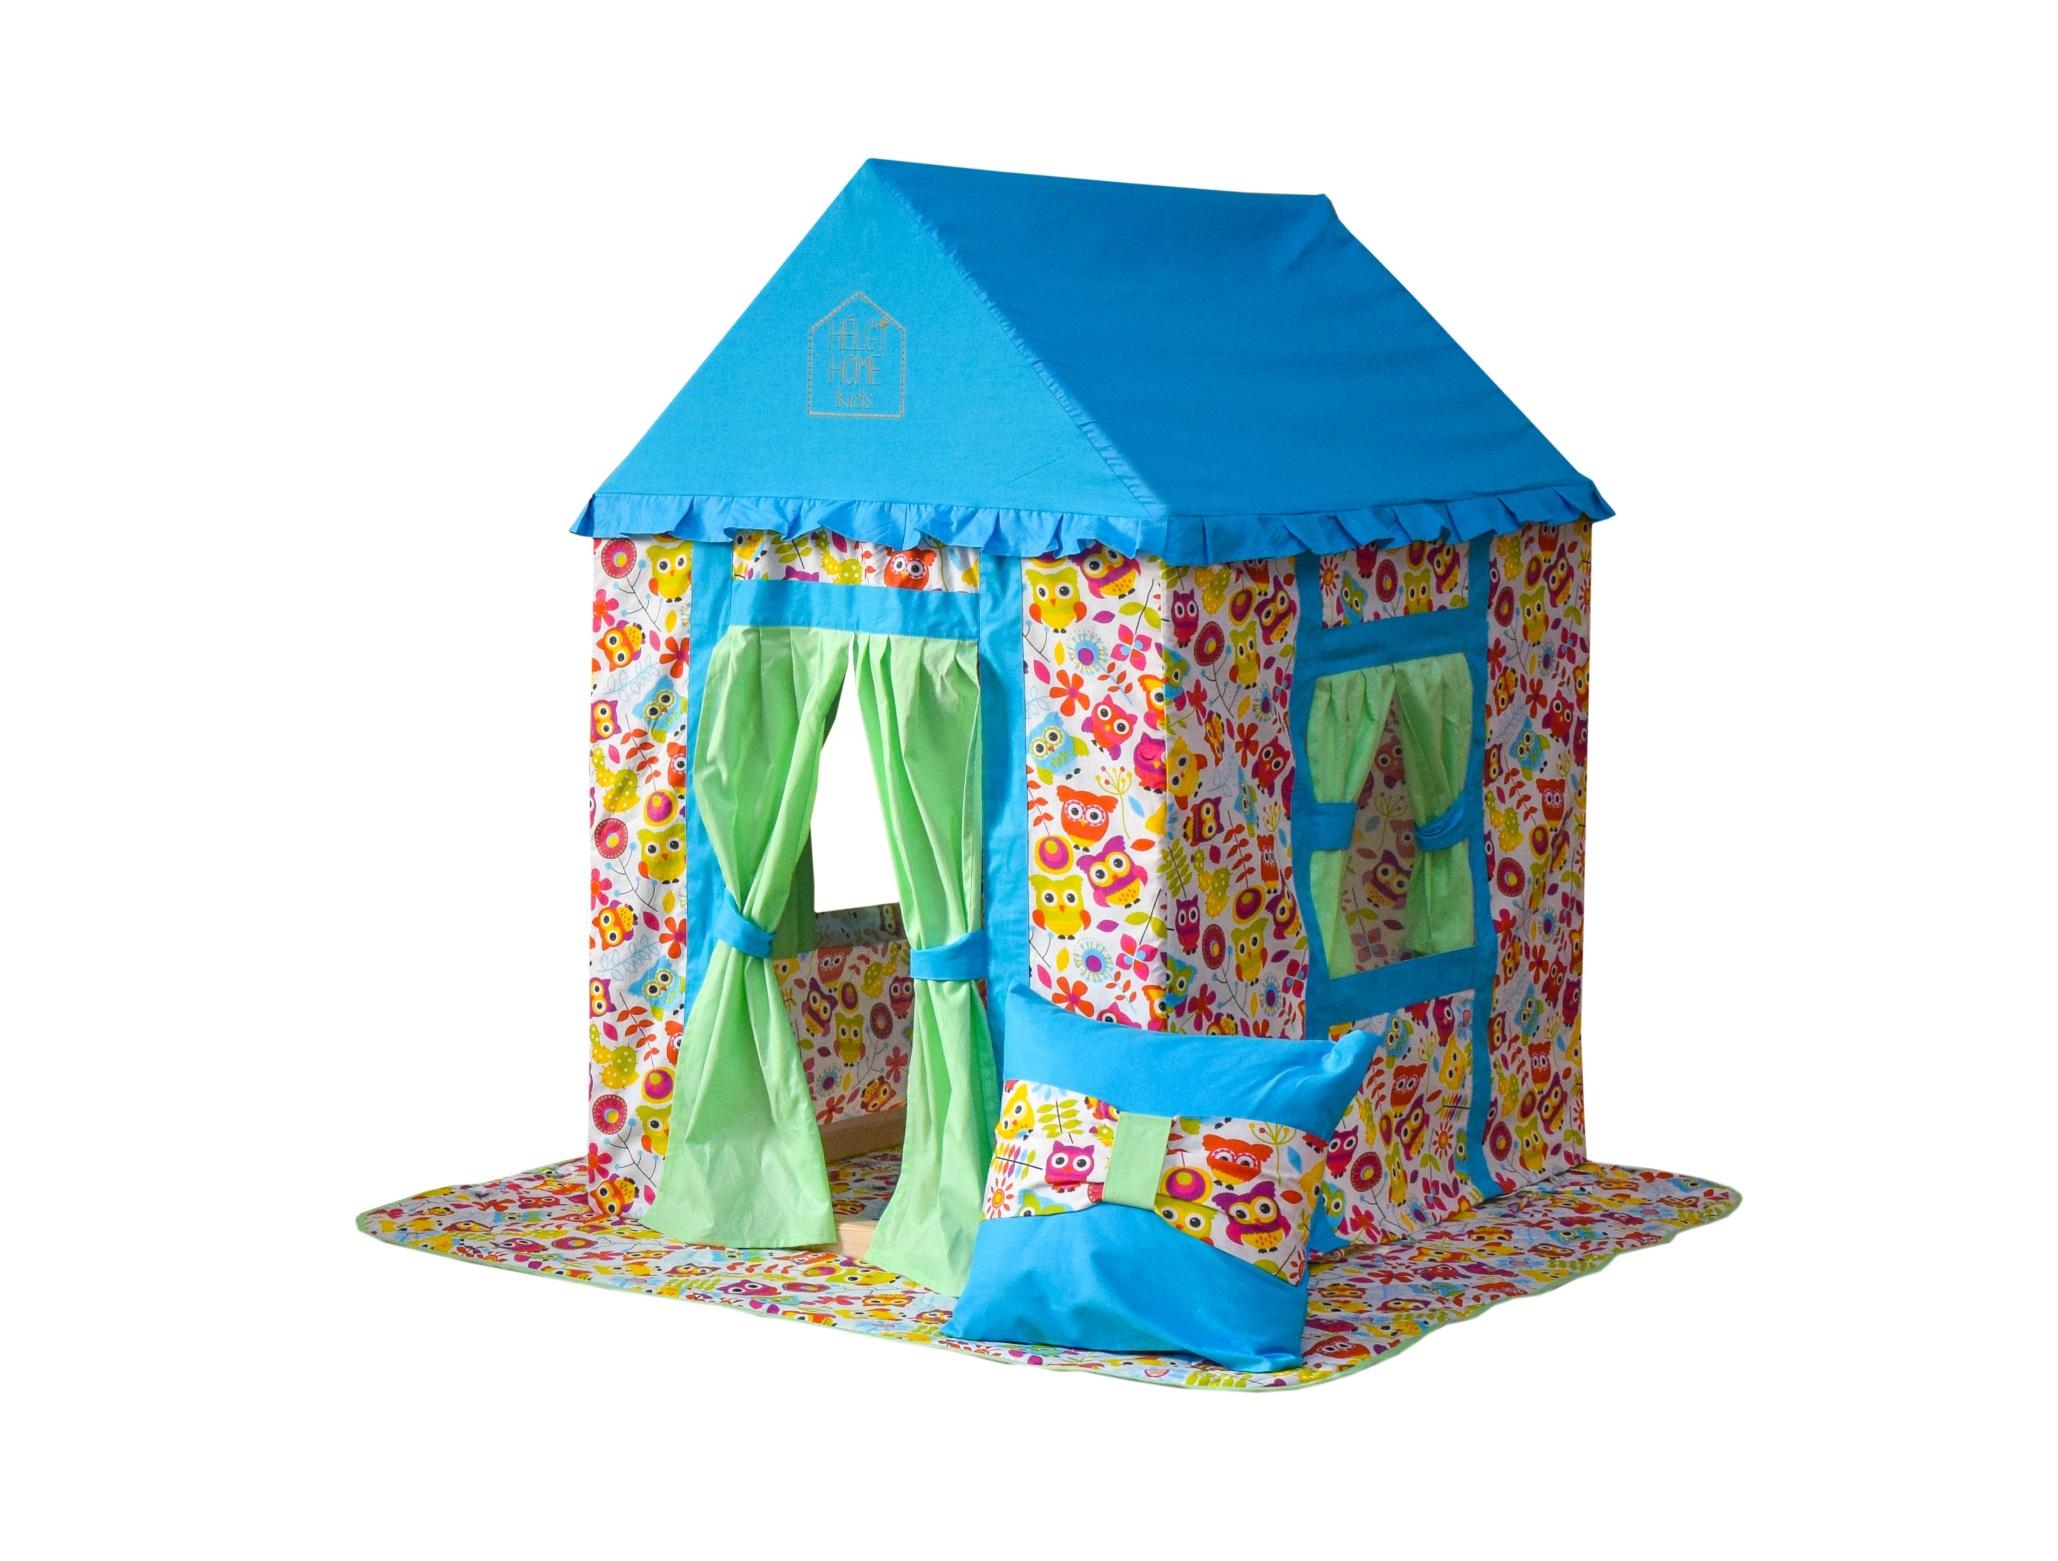 Игровой домик Волшебные совыДетские домики<br>Детский игровой домик «Волшебные совы», создан для озорных девчонок и мальчишек! Непоседливым детишкам не интересны скучные книжки, а именно в таком ярком домике, с волшебными совушками, любая история становится сказочной.&amp;lt;div&amp;gt;Домик выполнен из экологически чистых материалов. Каркас сделан из дерева (сосны), а чехол из 100% хлопка. Сборка этого домика даже проще чем сборка детского конструктора, всё необходимое для установки СПИЛХУС идёт в наборе.&amp;lt;div&amp;gt;Материалы исполнения: сосна, хлопок-100&amp;lt;/div&amp;gt;&amp;lt;/div&amp;gt;<br><br>Material: Сосна<br>Length см: 118<br>Width см: 735<br>Depth см: None<br>Height см: 100